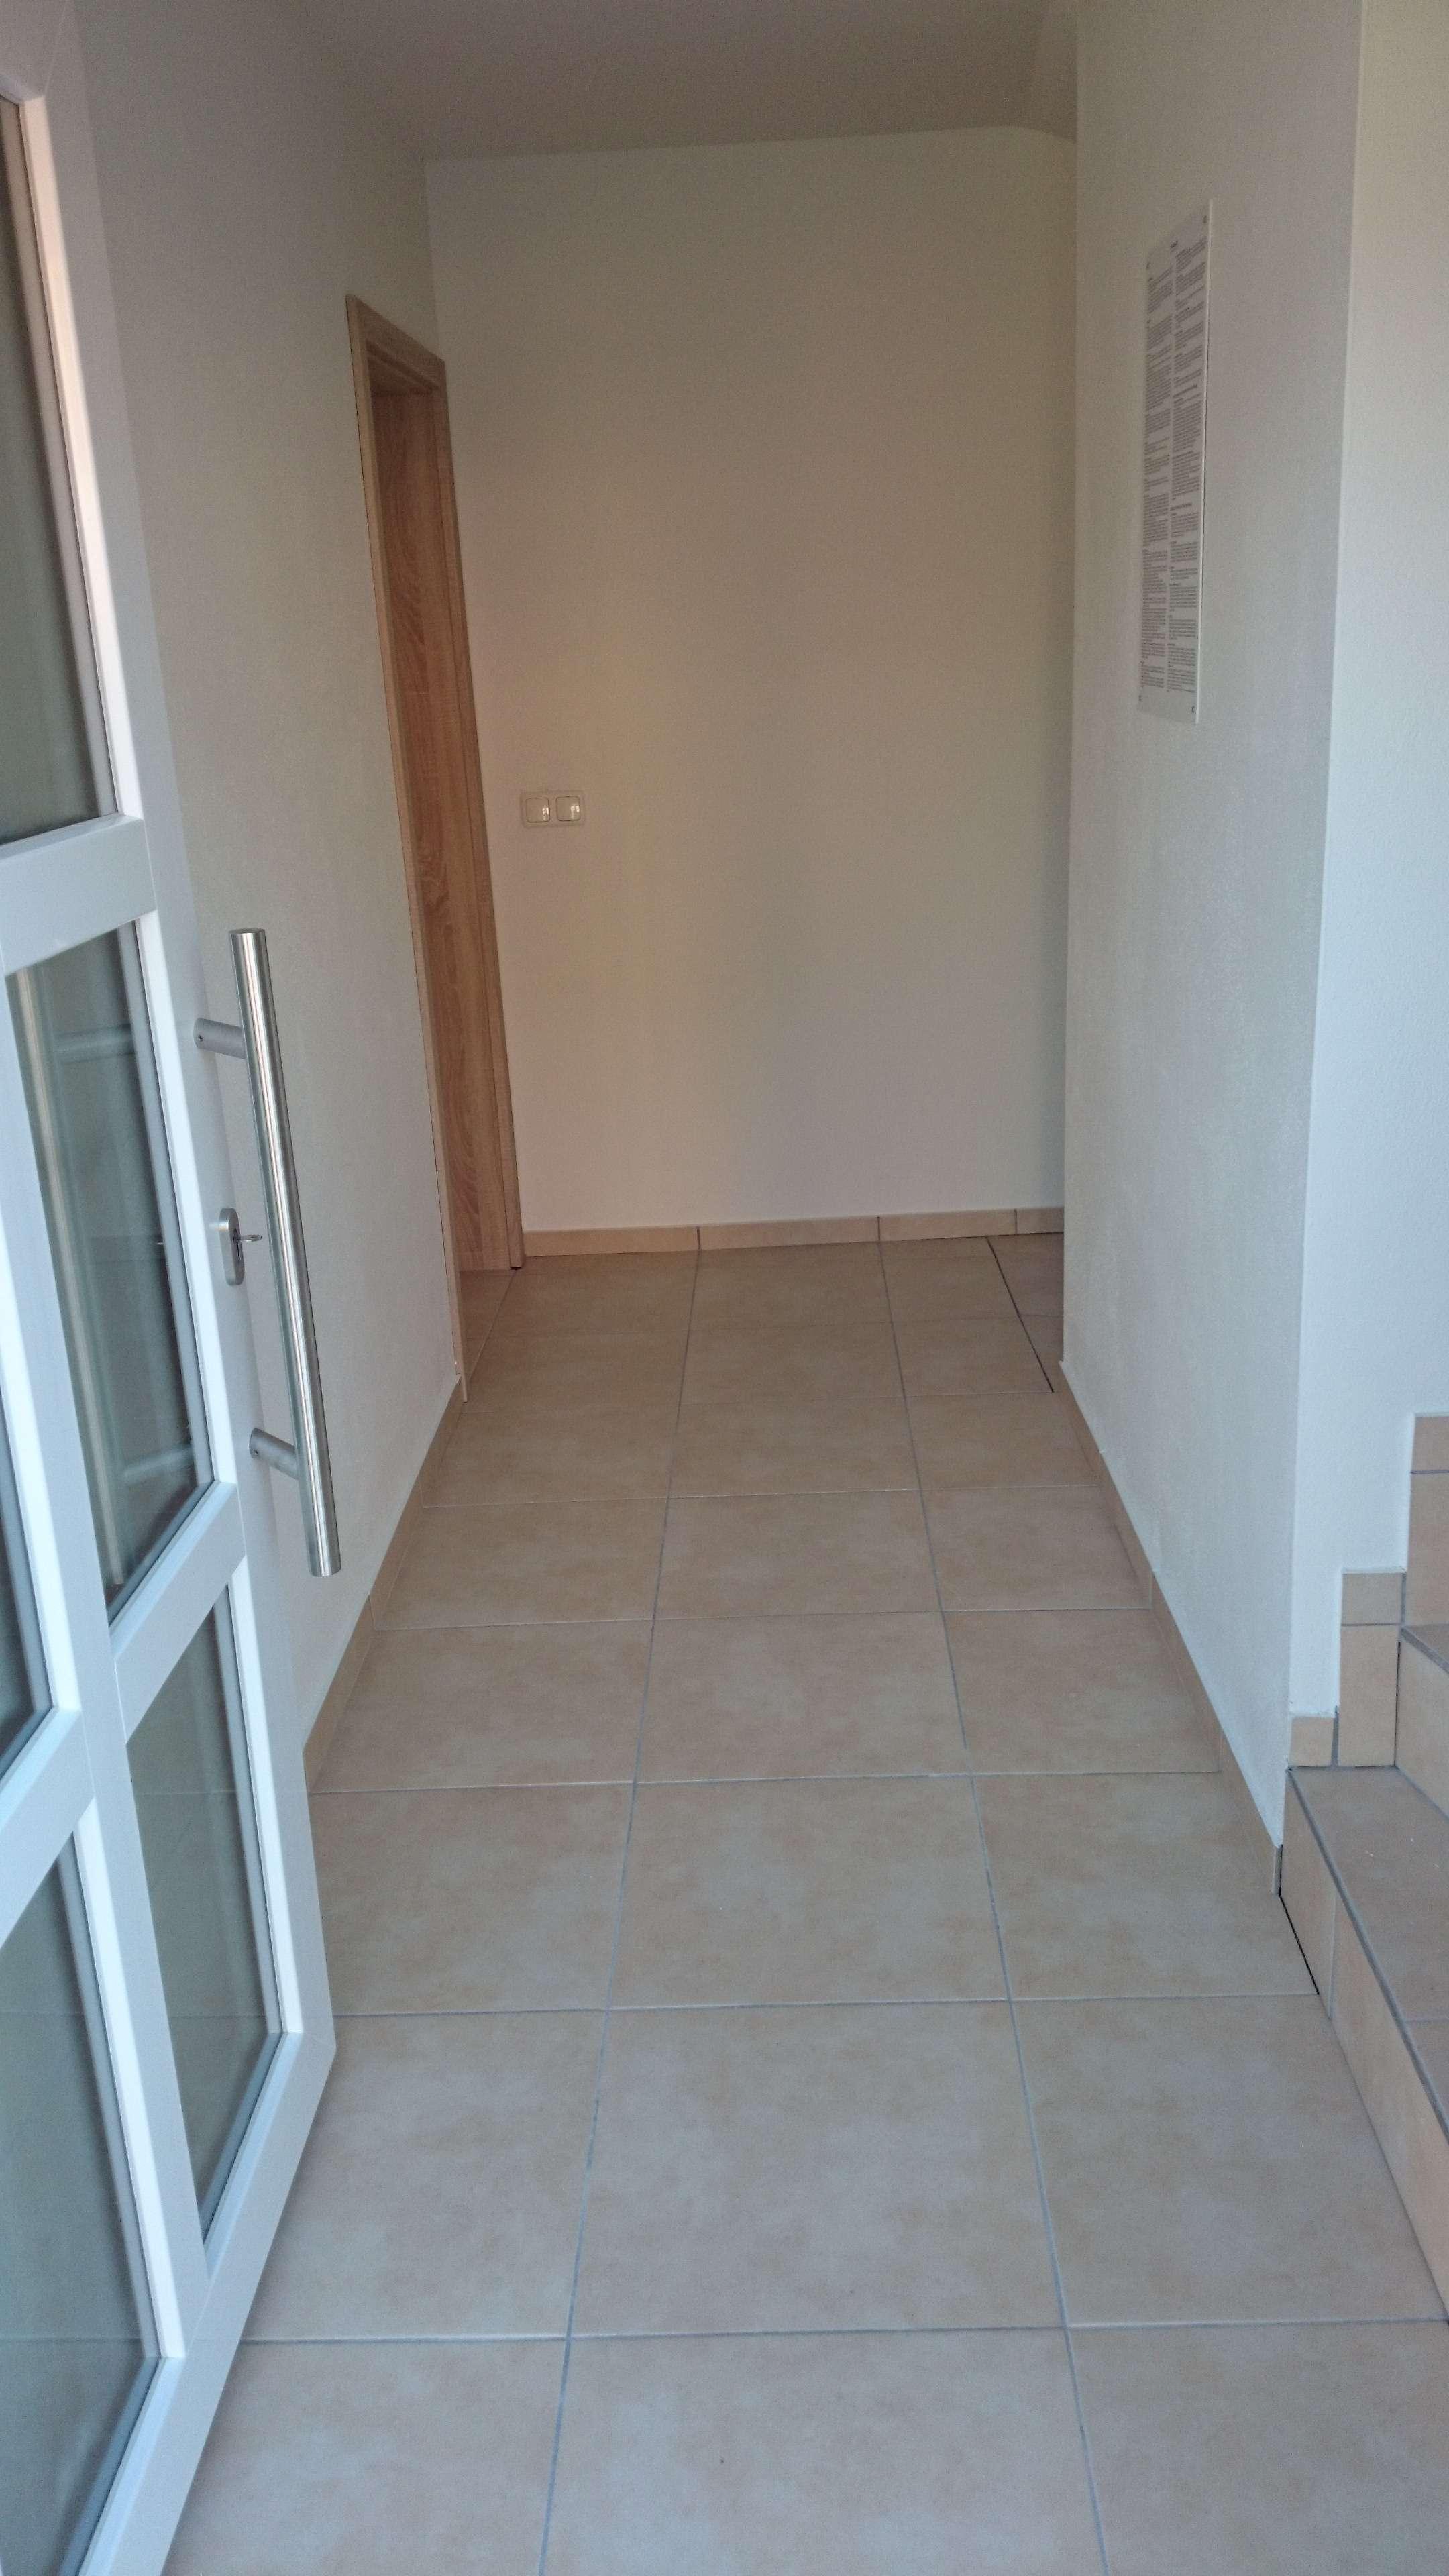 Neuwertige 5-Zimmer-Maisonette-Wohnung mit Balkon in Mühldorf am Inn in Mühldorf am Inn